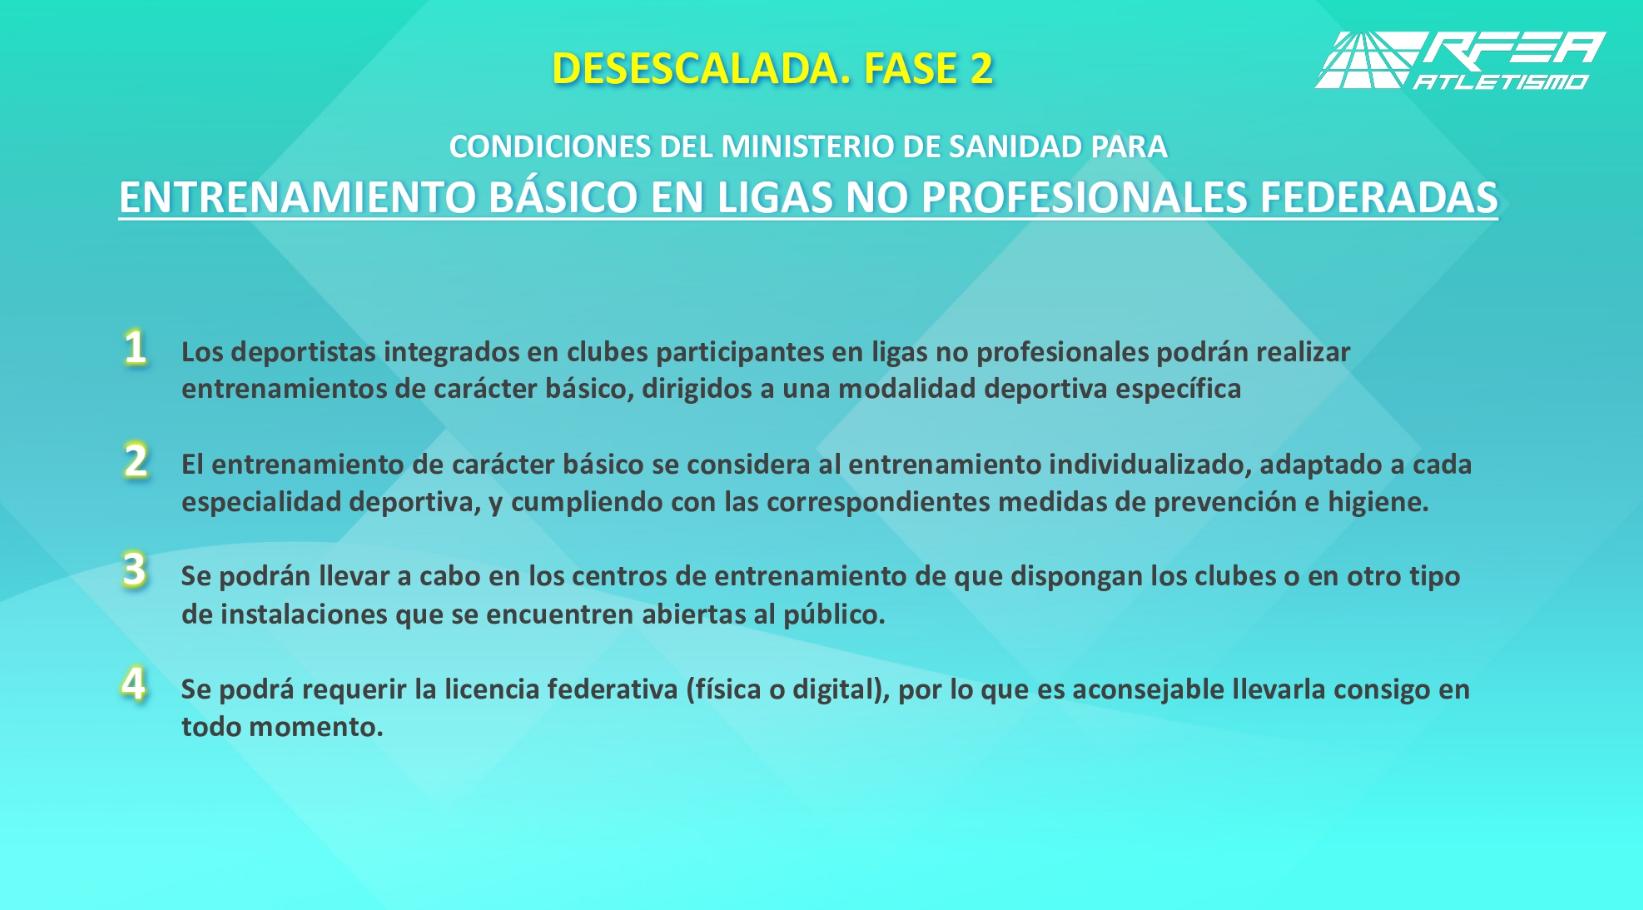 Dudas y respuestas de la nueva Fase 0 1 y 2 sobre el deporte profesional y federado del 18 de Mayo